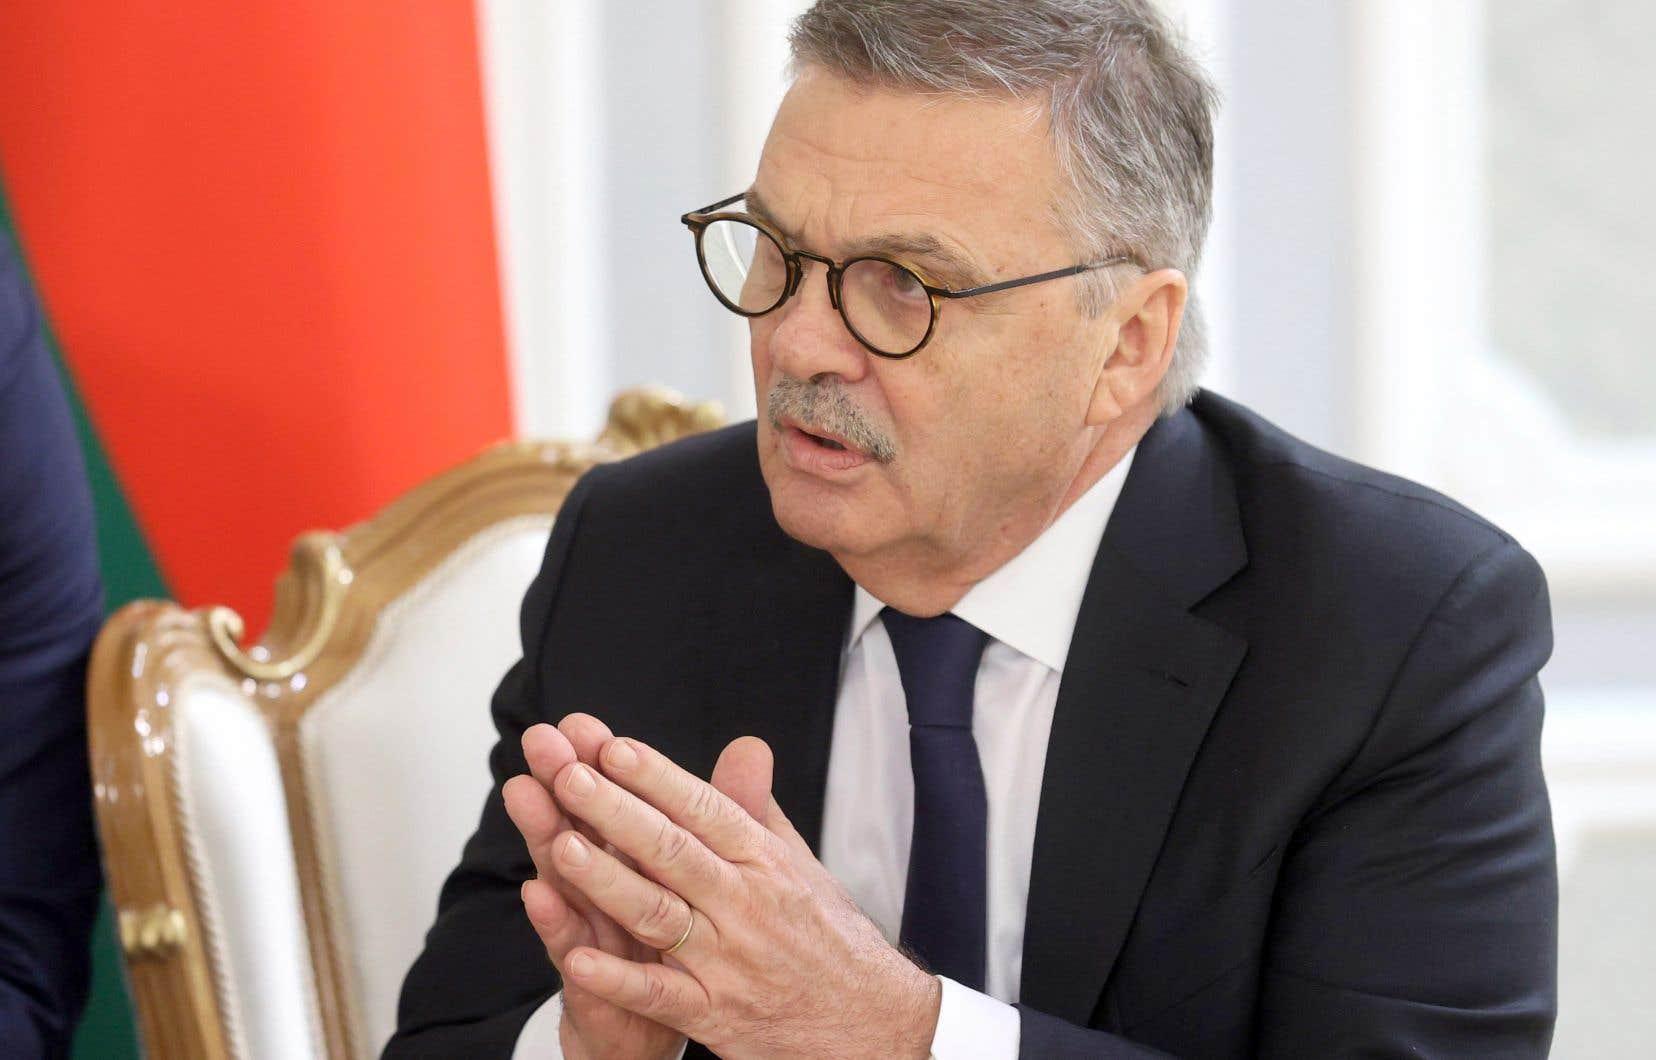 Le président de la Fédération internationale de hockey sur glace, René Fasel, était en pourparlers avec le président biélorusse, Alexandre Lukashenko, le 11 janvier dernier à Minsk.